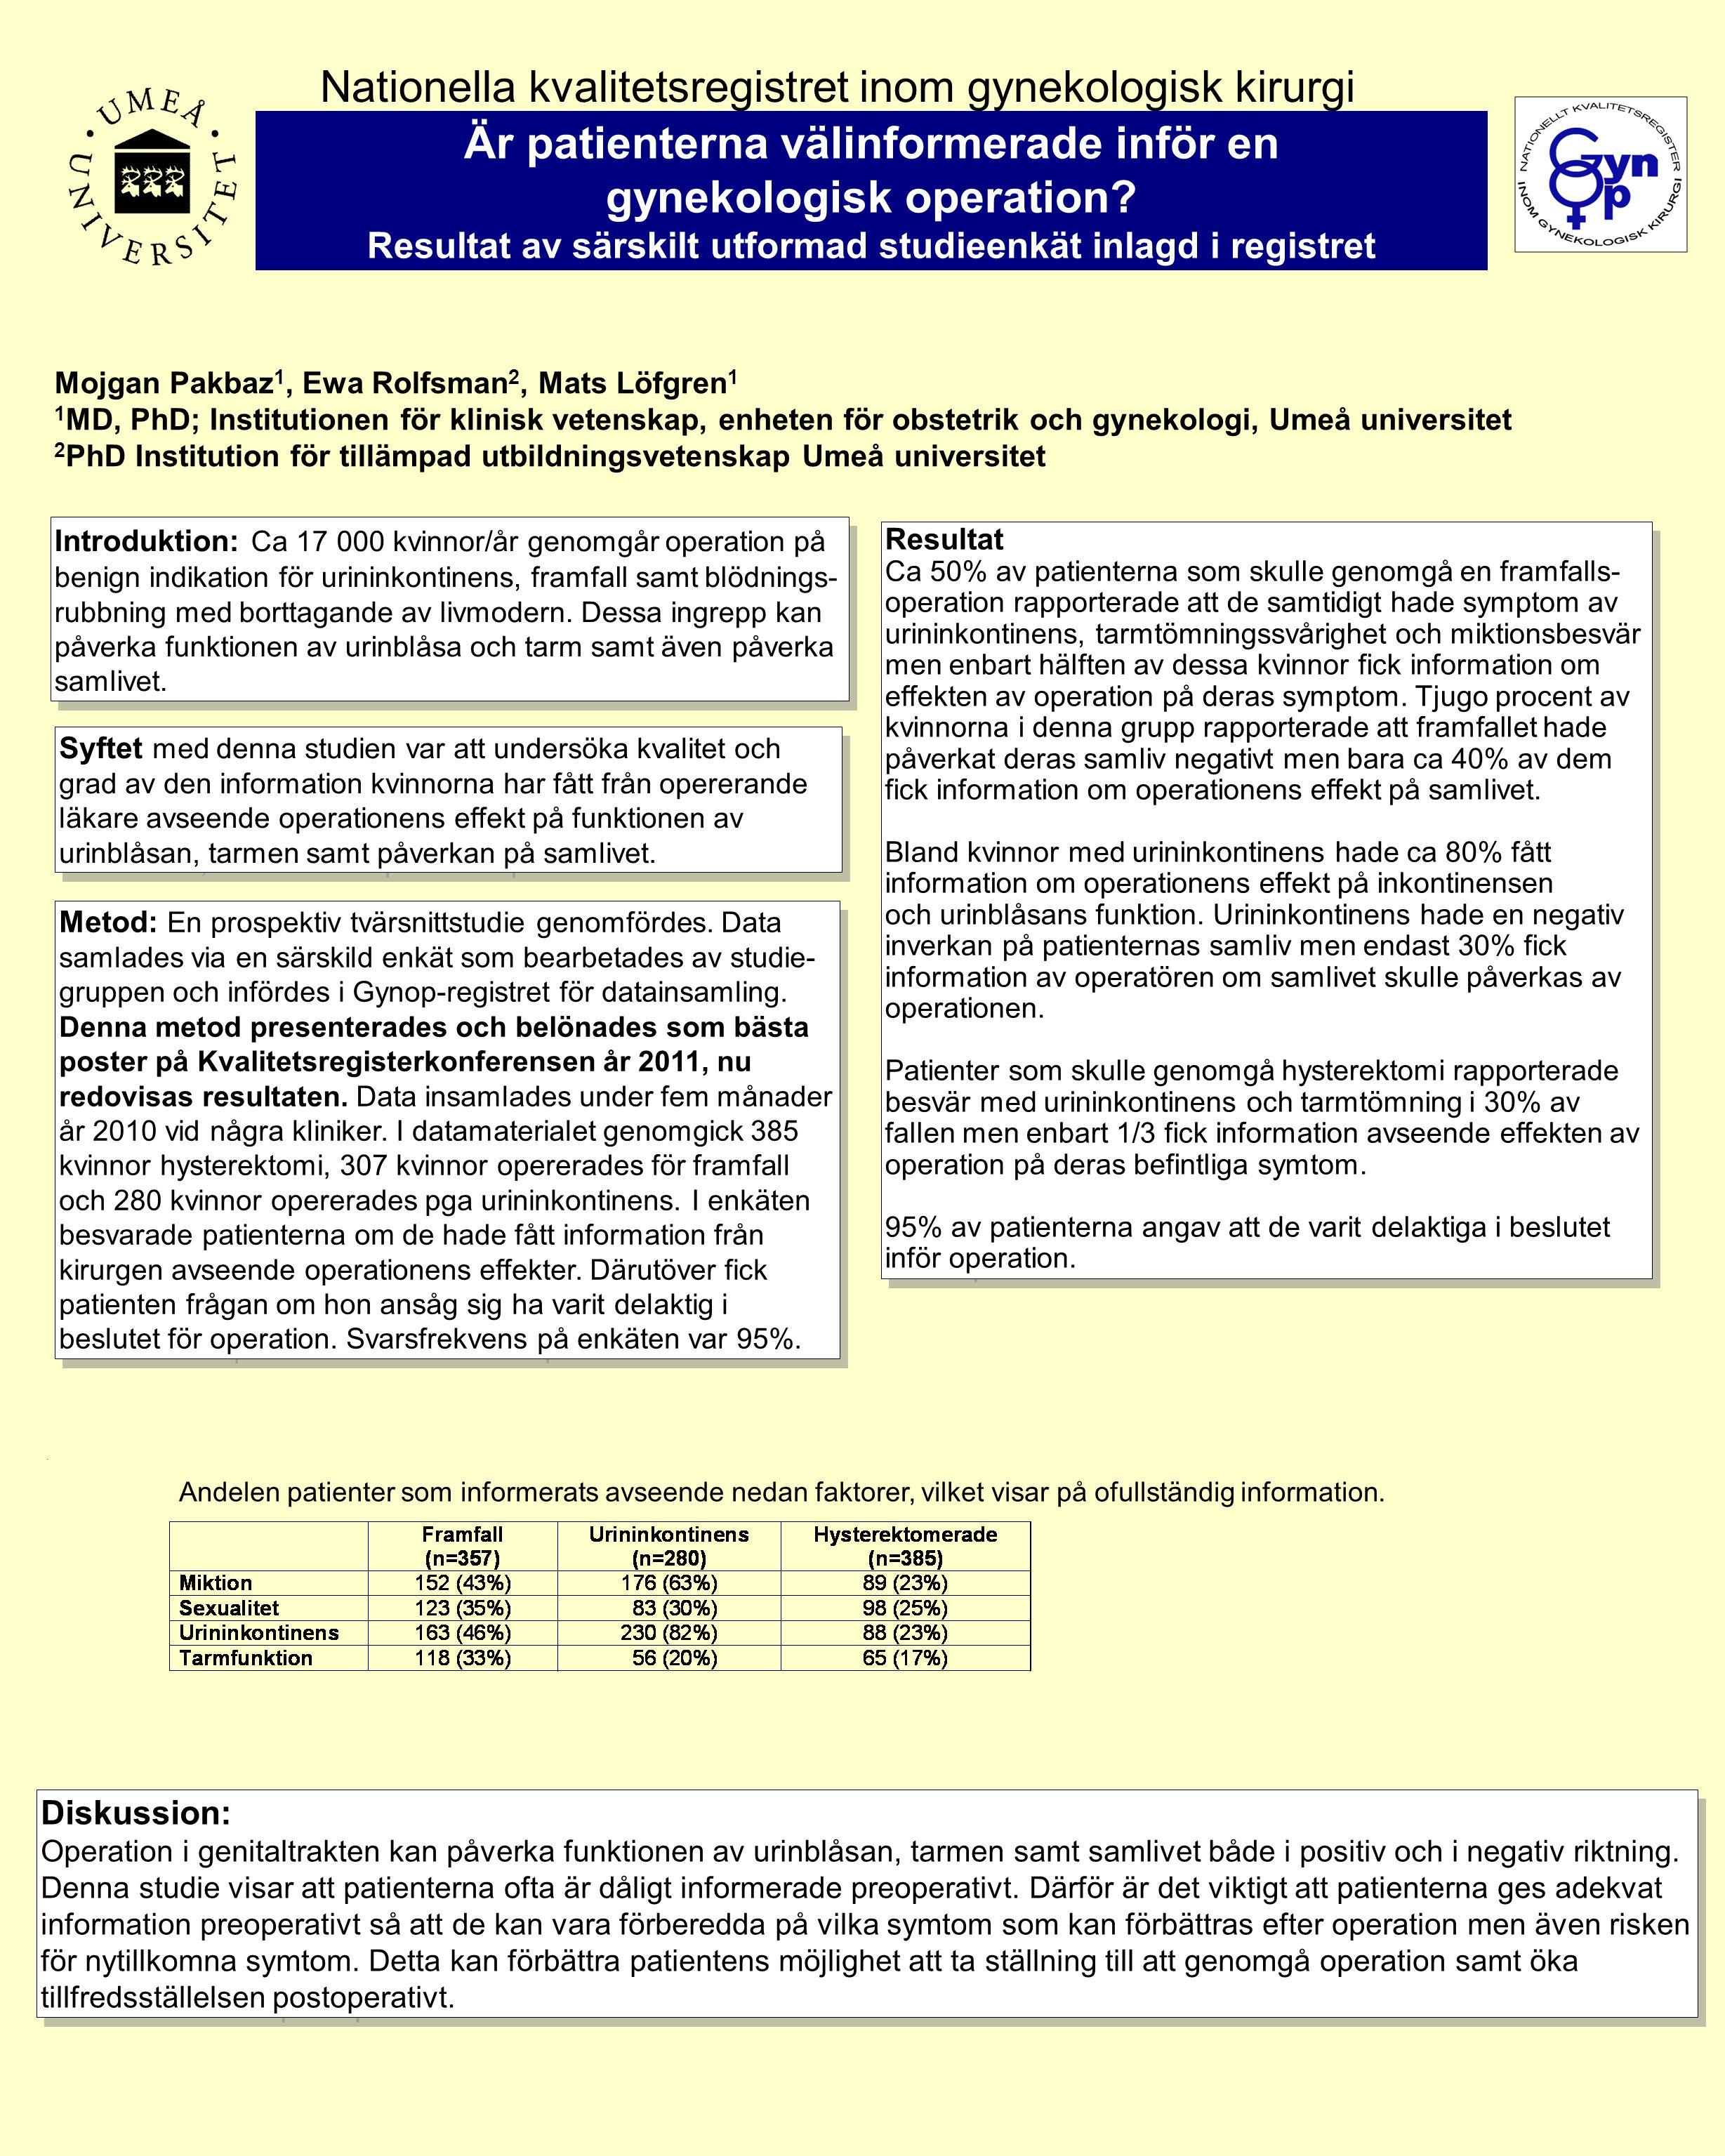 Diskussion: Operation i genitaltrakten kan påverka funktionen av urinblåsan, tarmen samt samlivet både i positiv och i negativ riktning. Denna studie